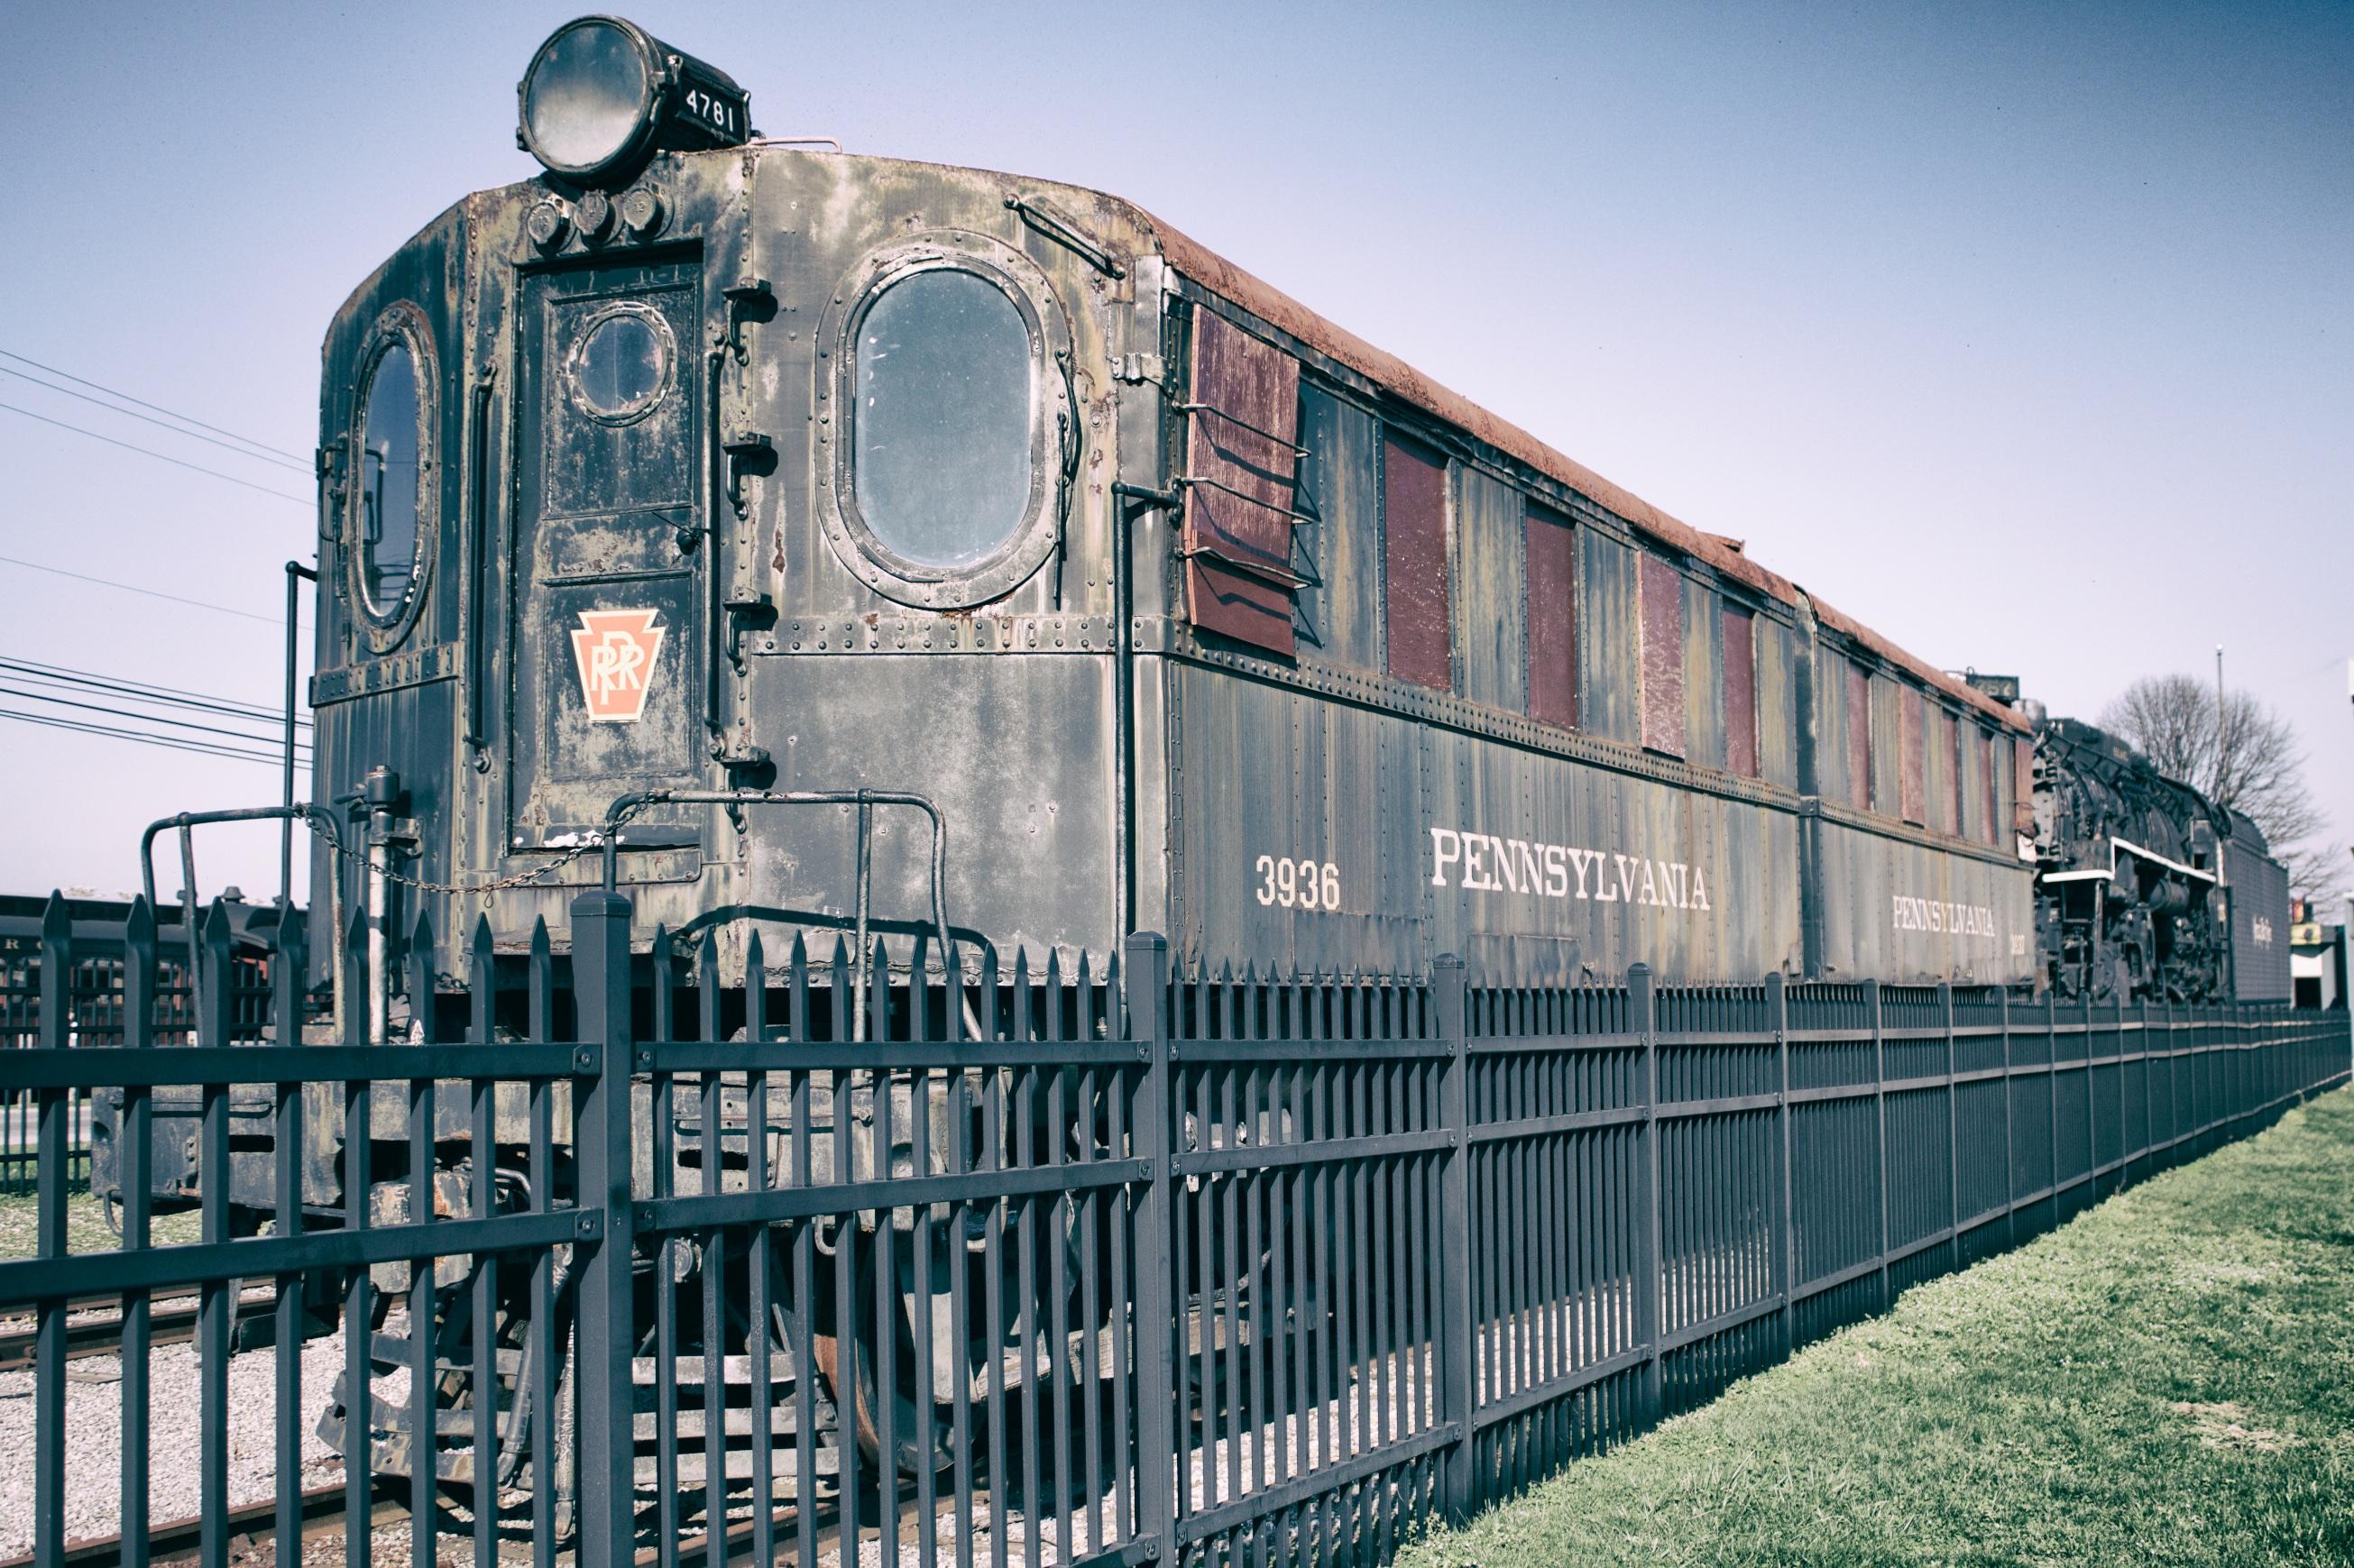 Electric train in train yard.